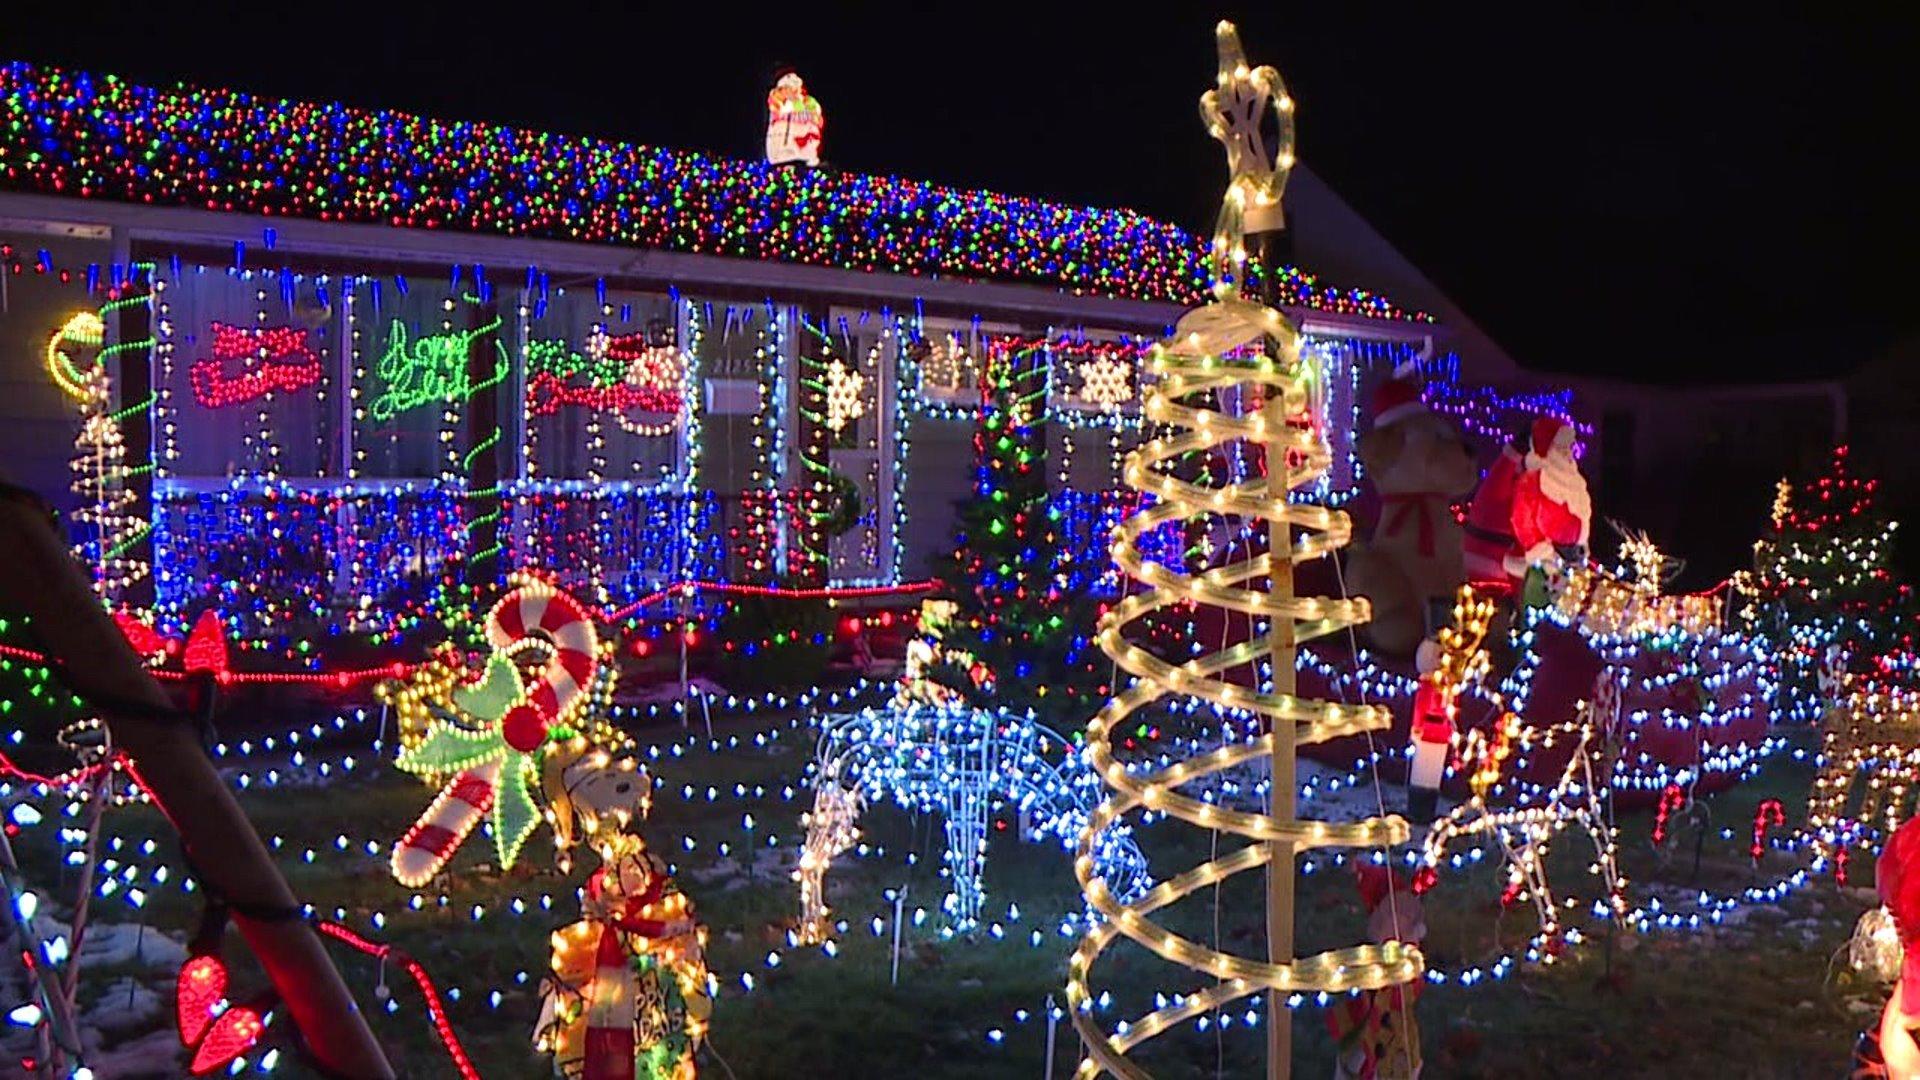 أضواء عيد الميلاد المذهلة